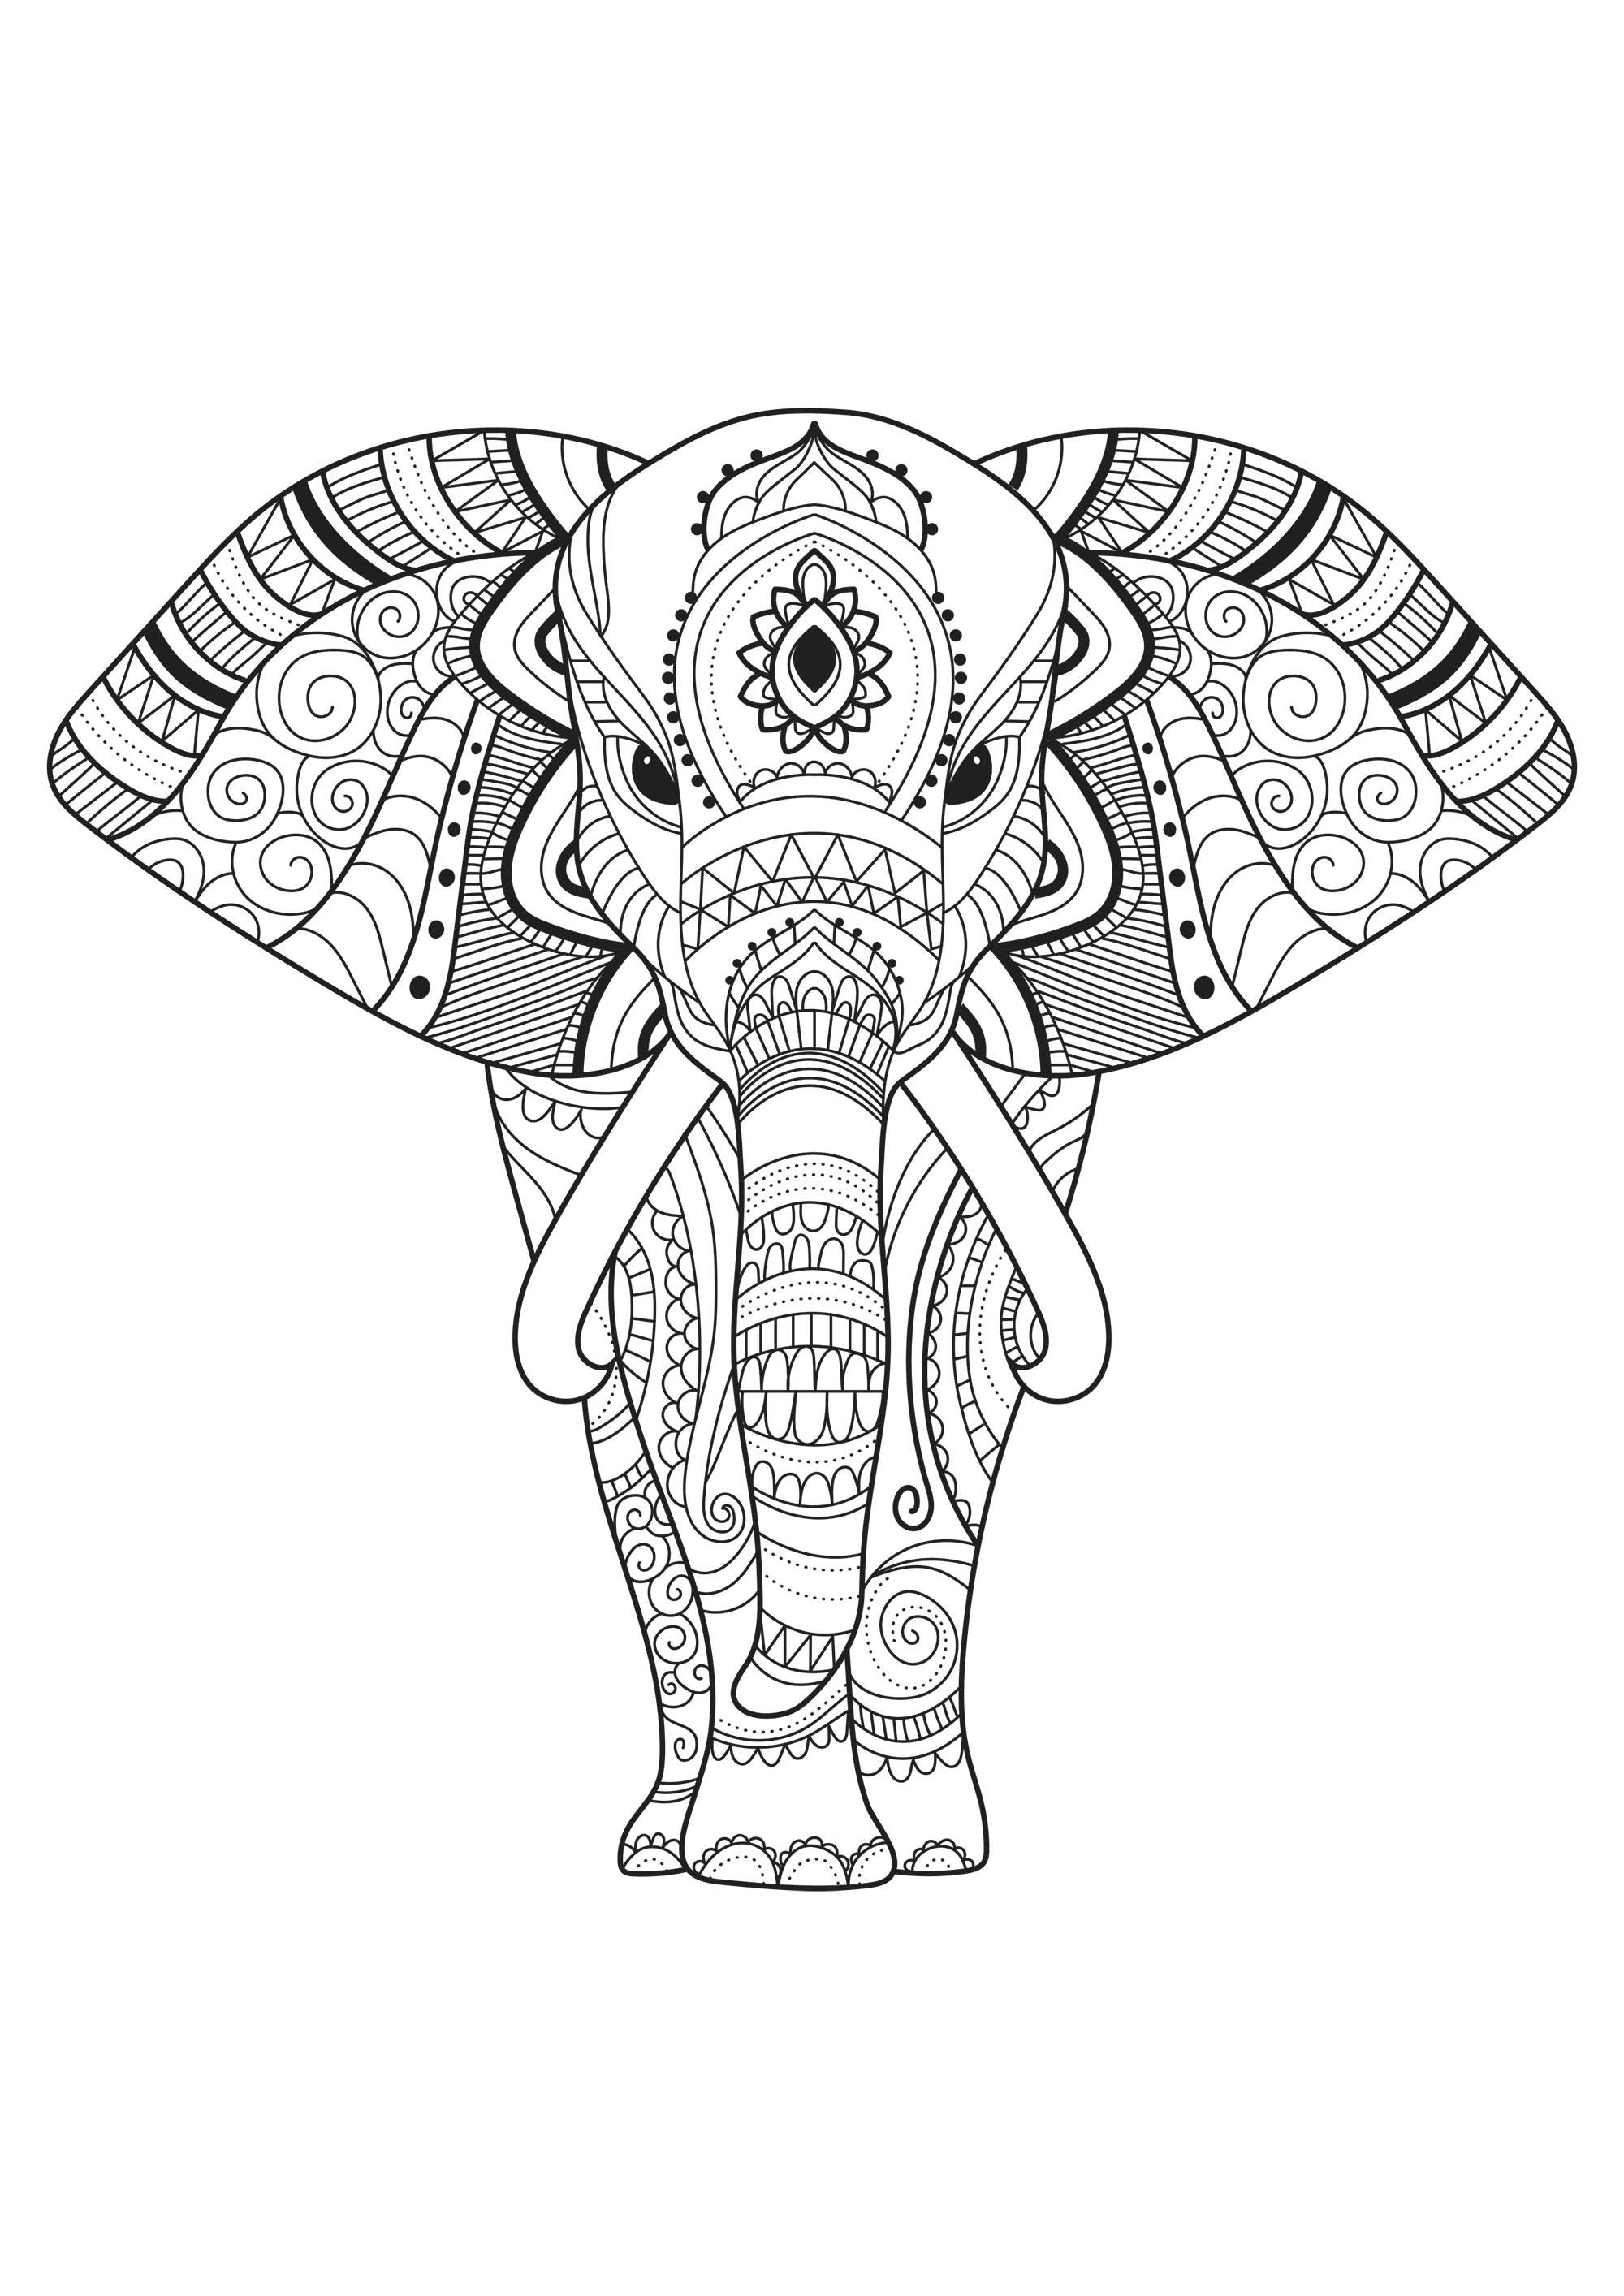 De simples motifs à colorier au sein de ce majestueux éléphant. Fourni par le site Gifts.com